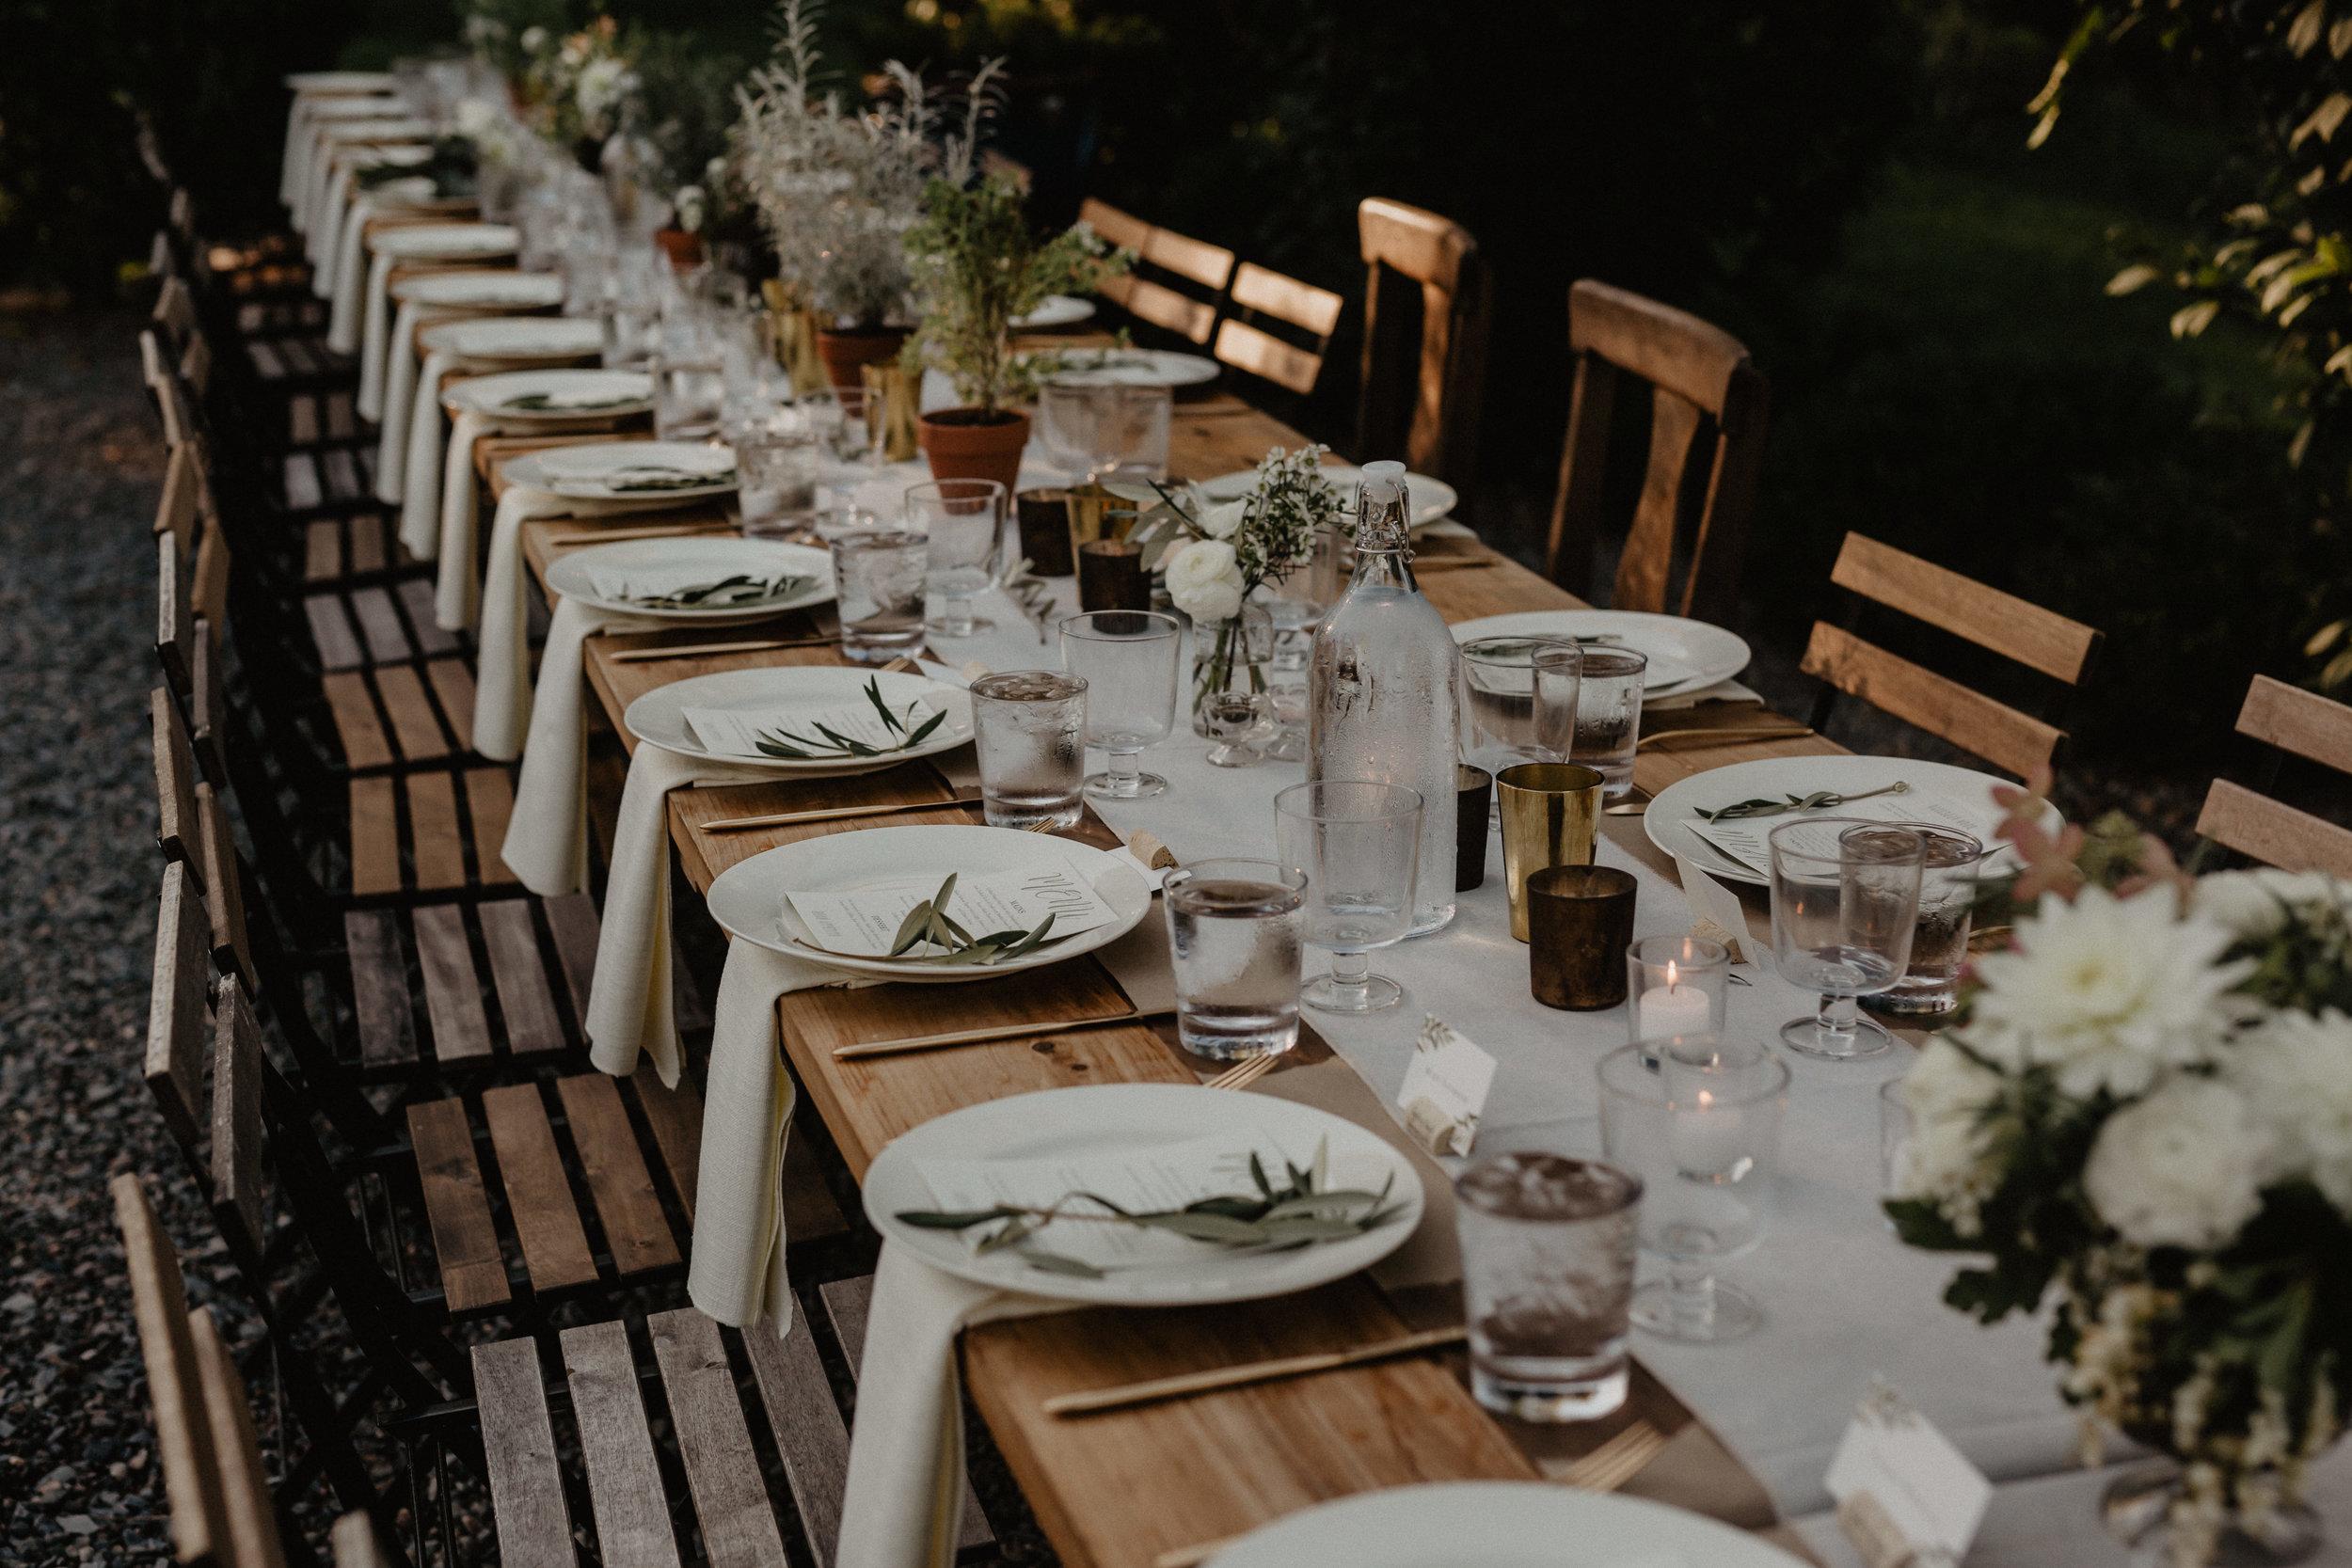 mnd_farm_wedding_059.jpg